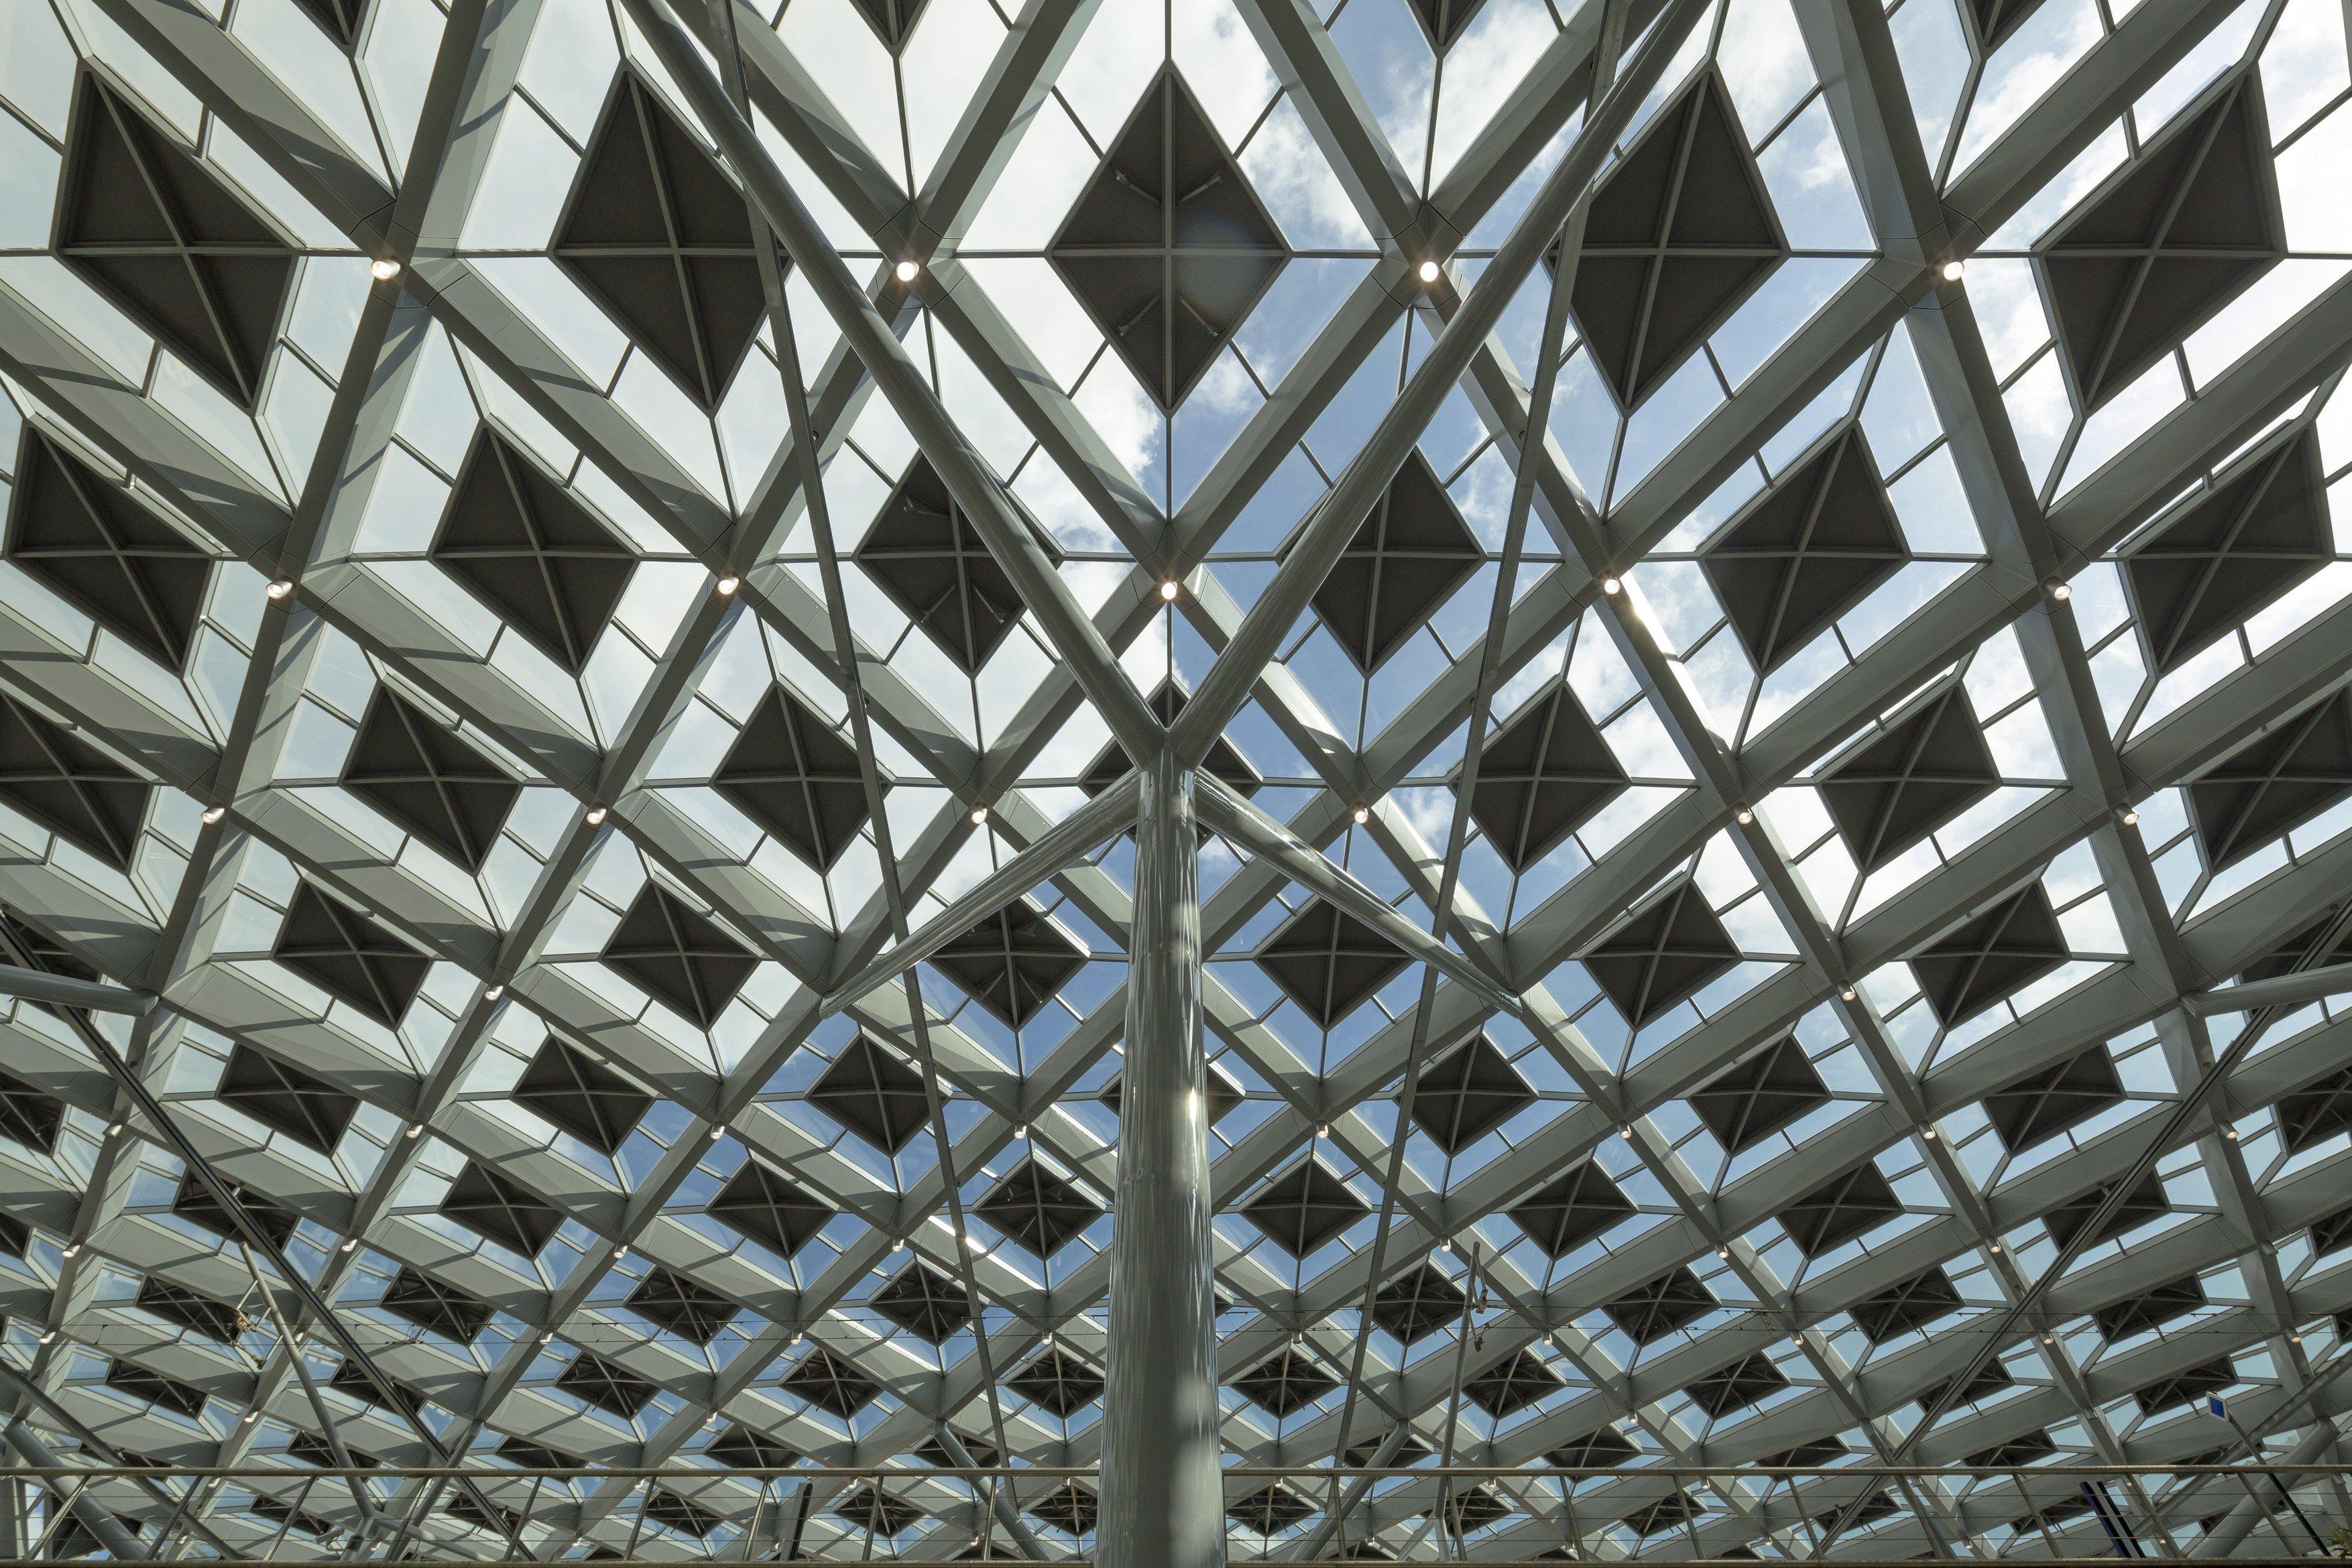 Foto: OV terminal Den Haag, ontw.: Benthem Crouwel architecten